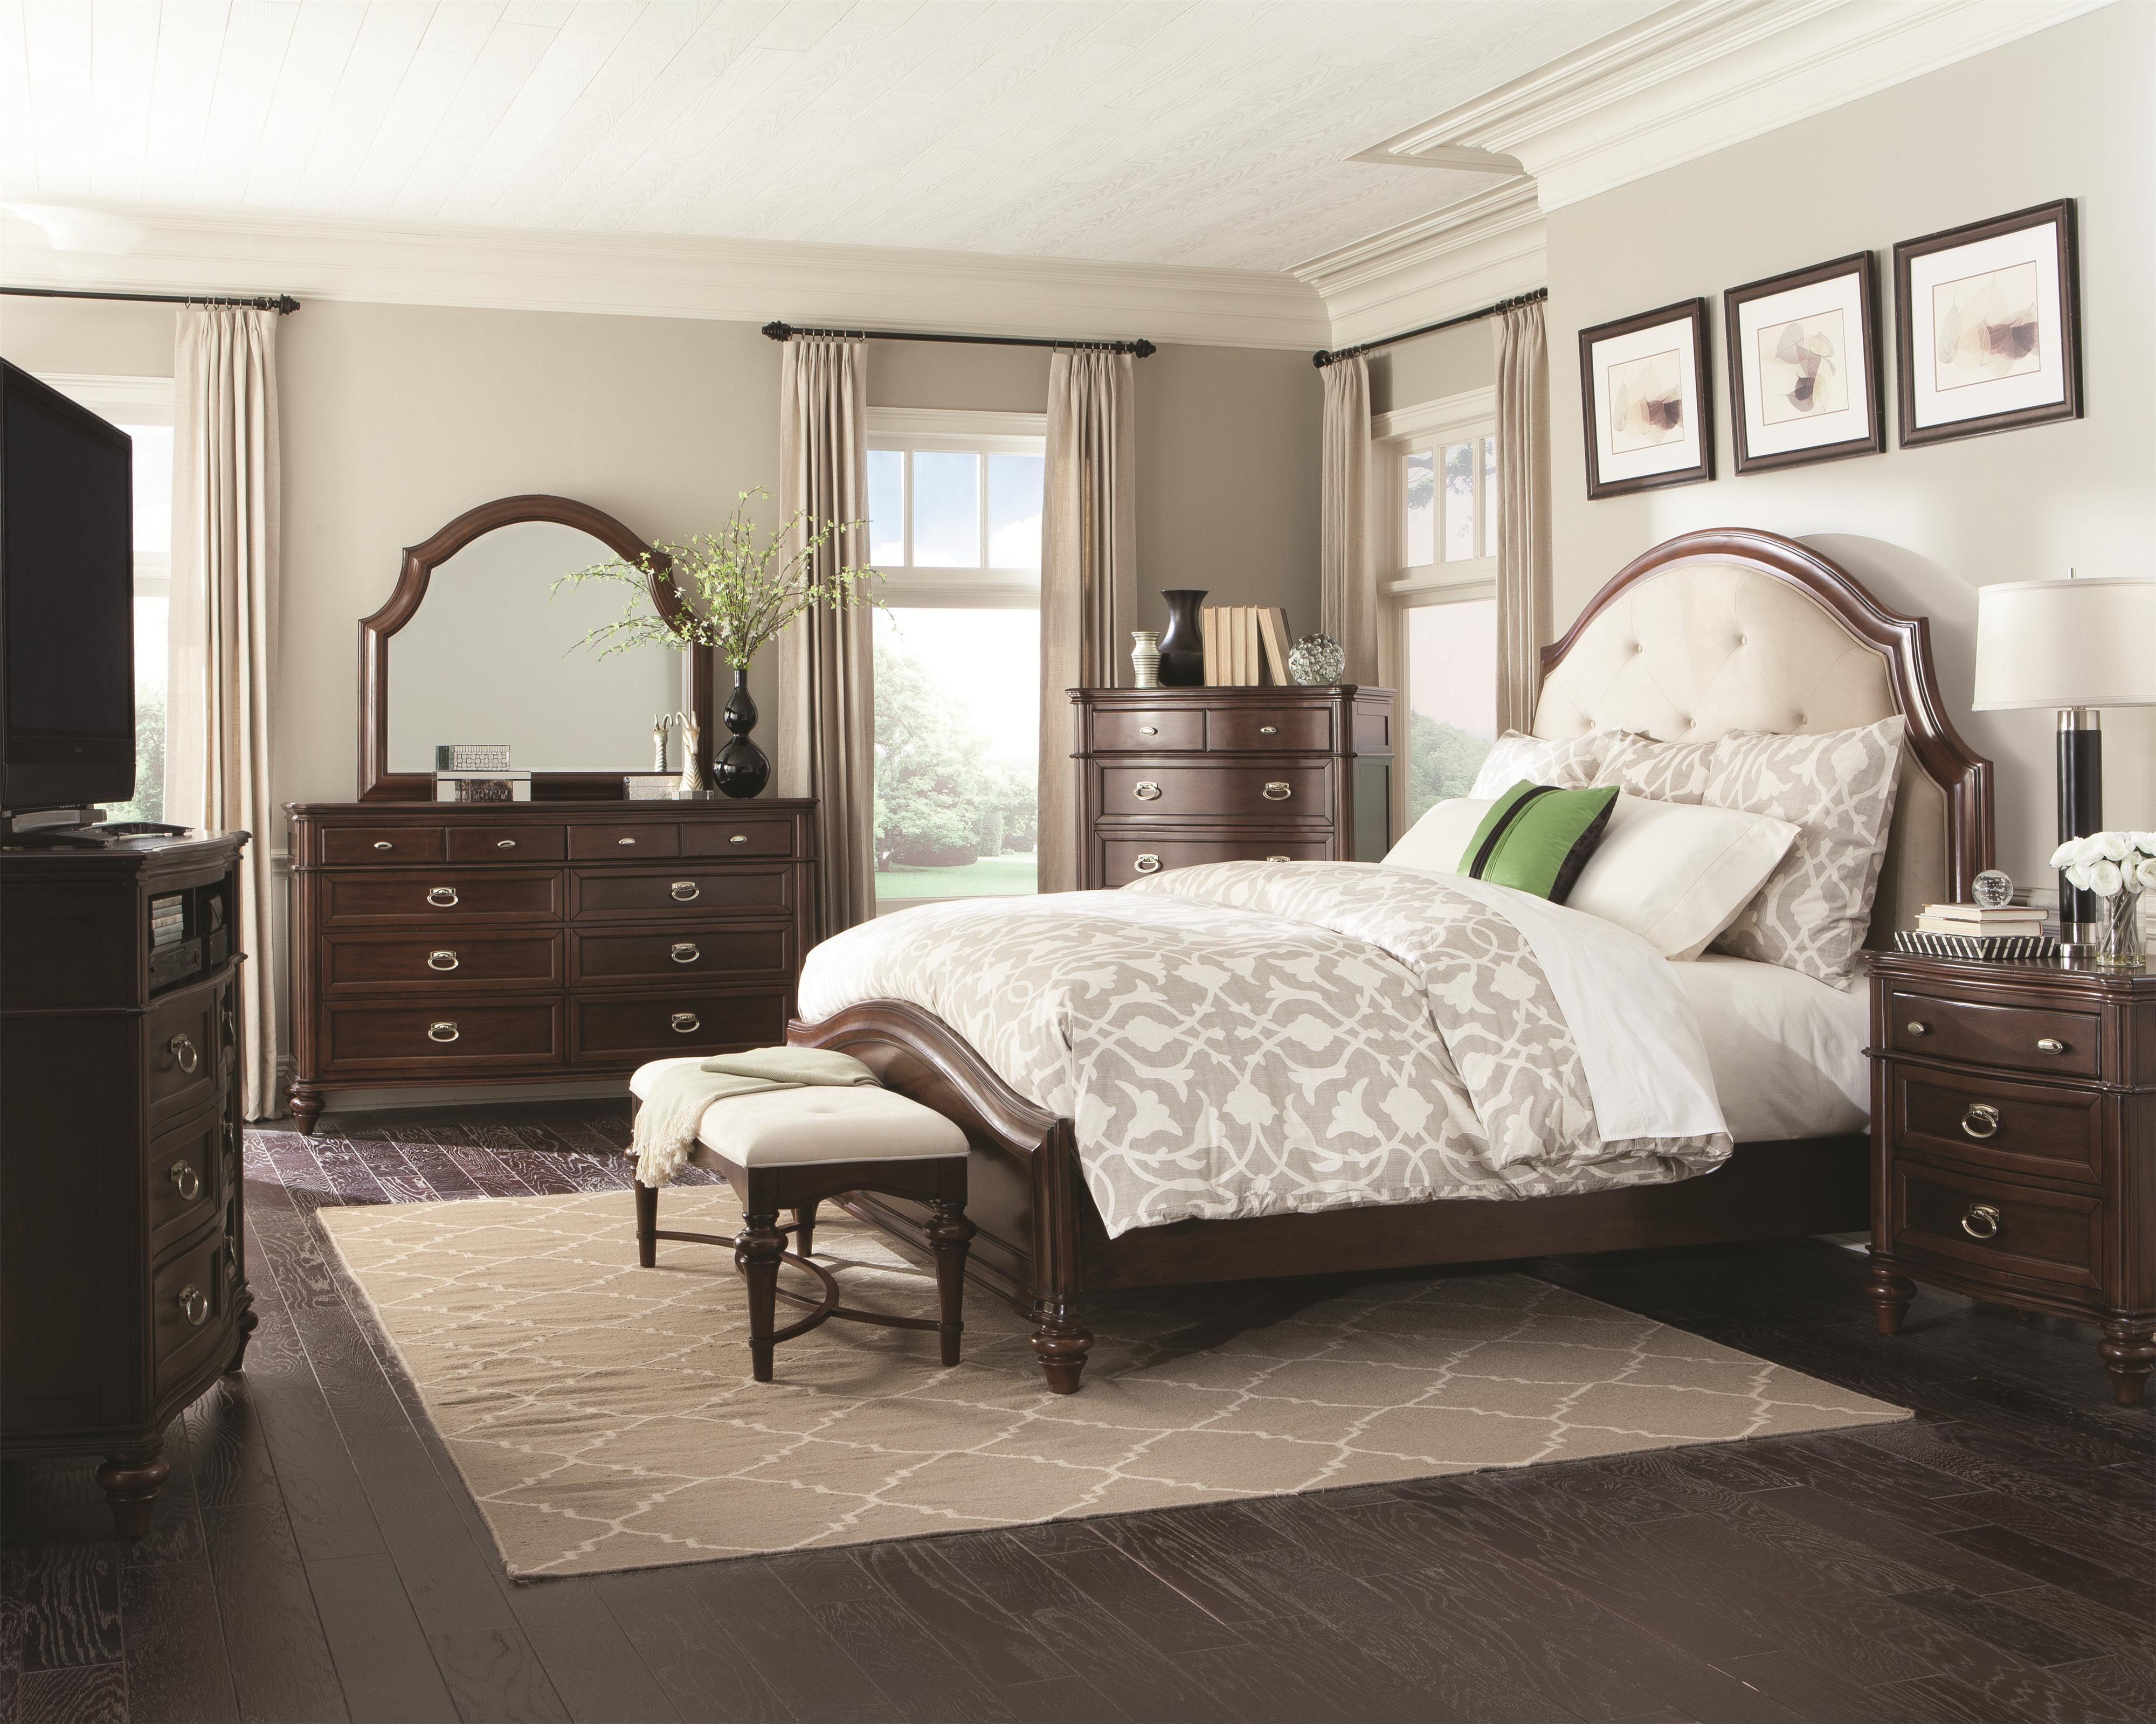 Coaster sherwood king bedroom group coaster fine furniture